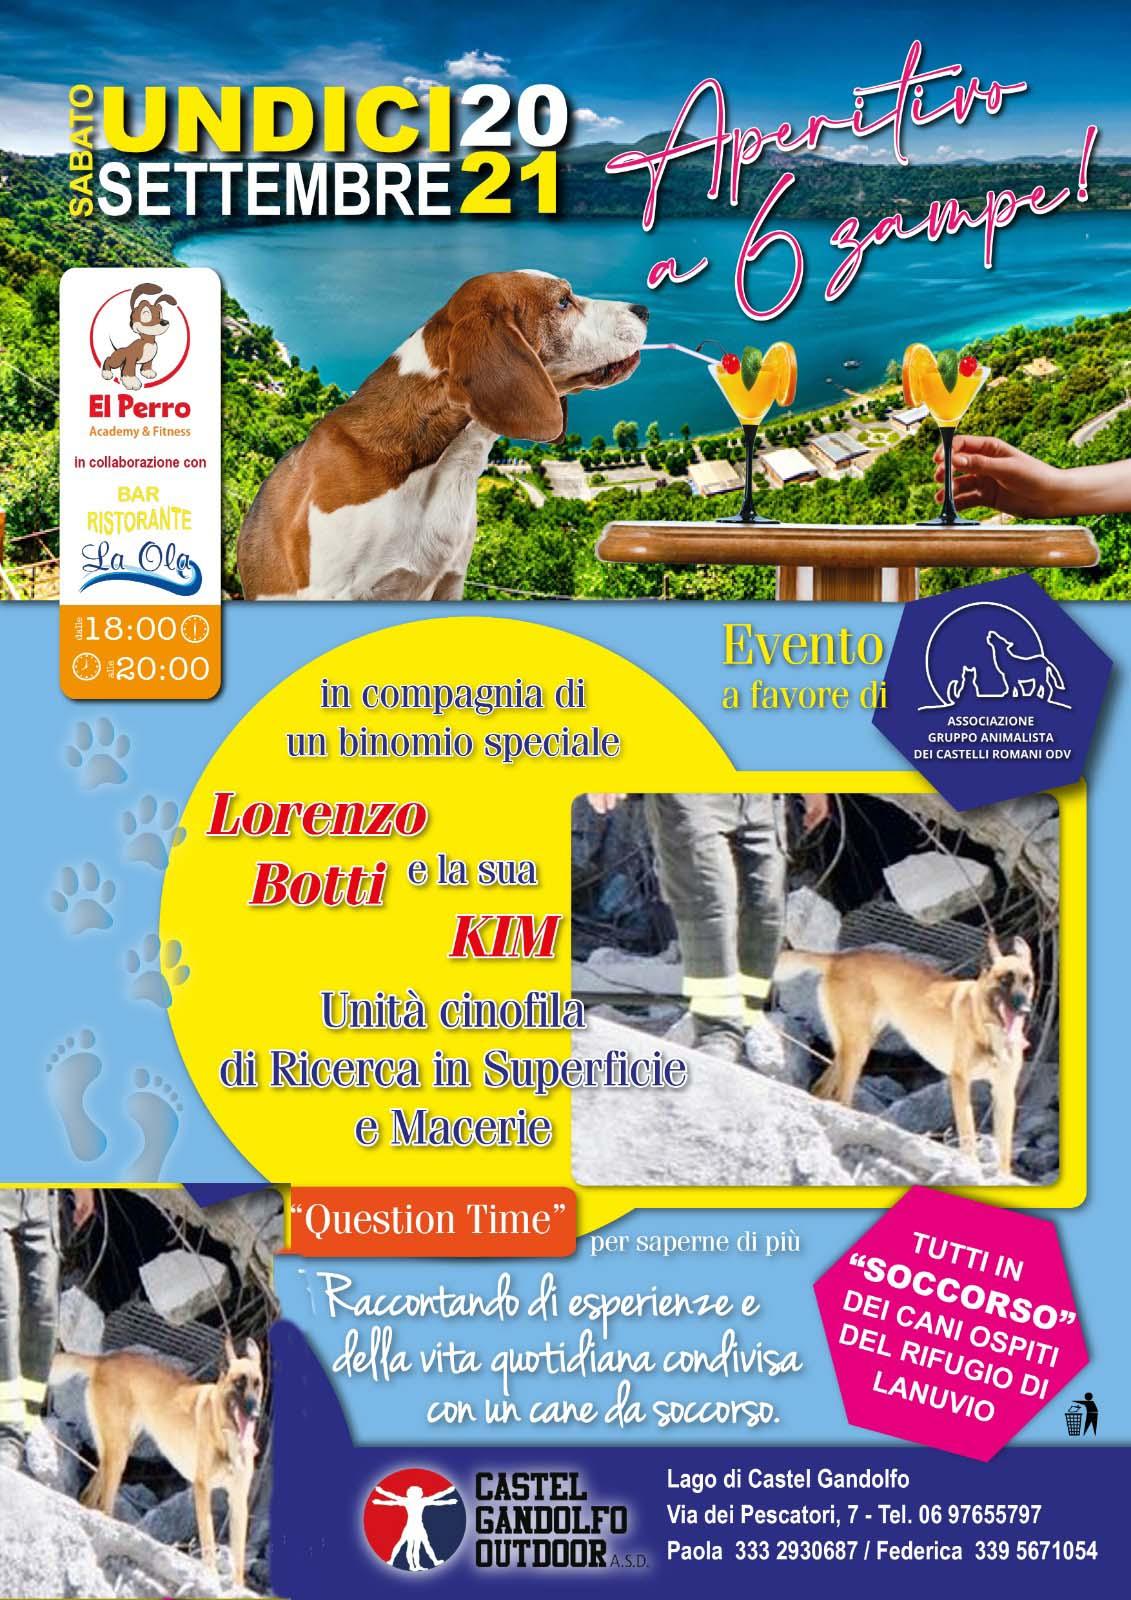 Castel Gandolfo, evento benefico a favore del canile di Lanuvio sulla spiaggia del lago. Ospita circa 300 cani